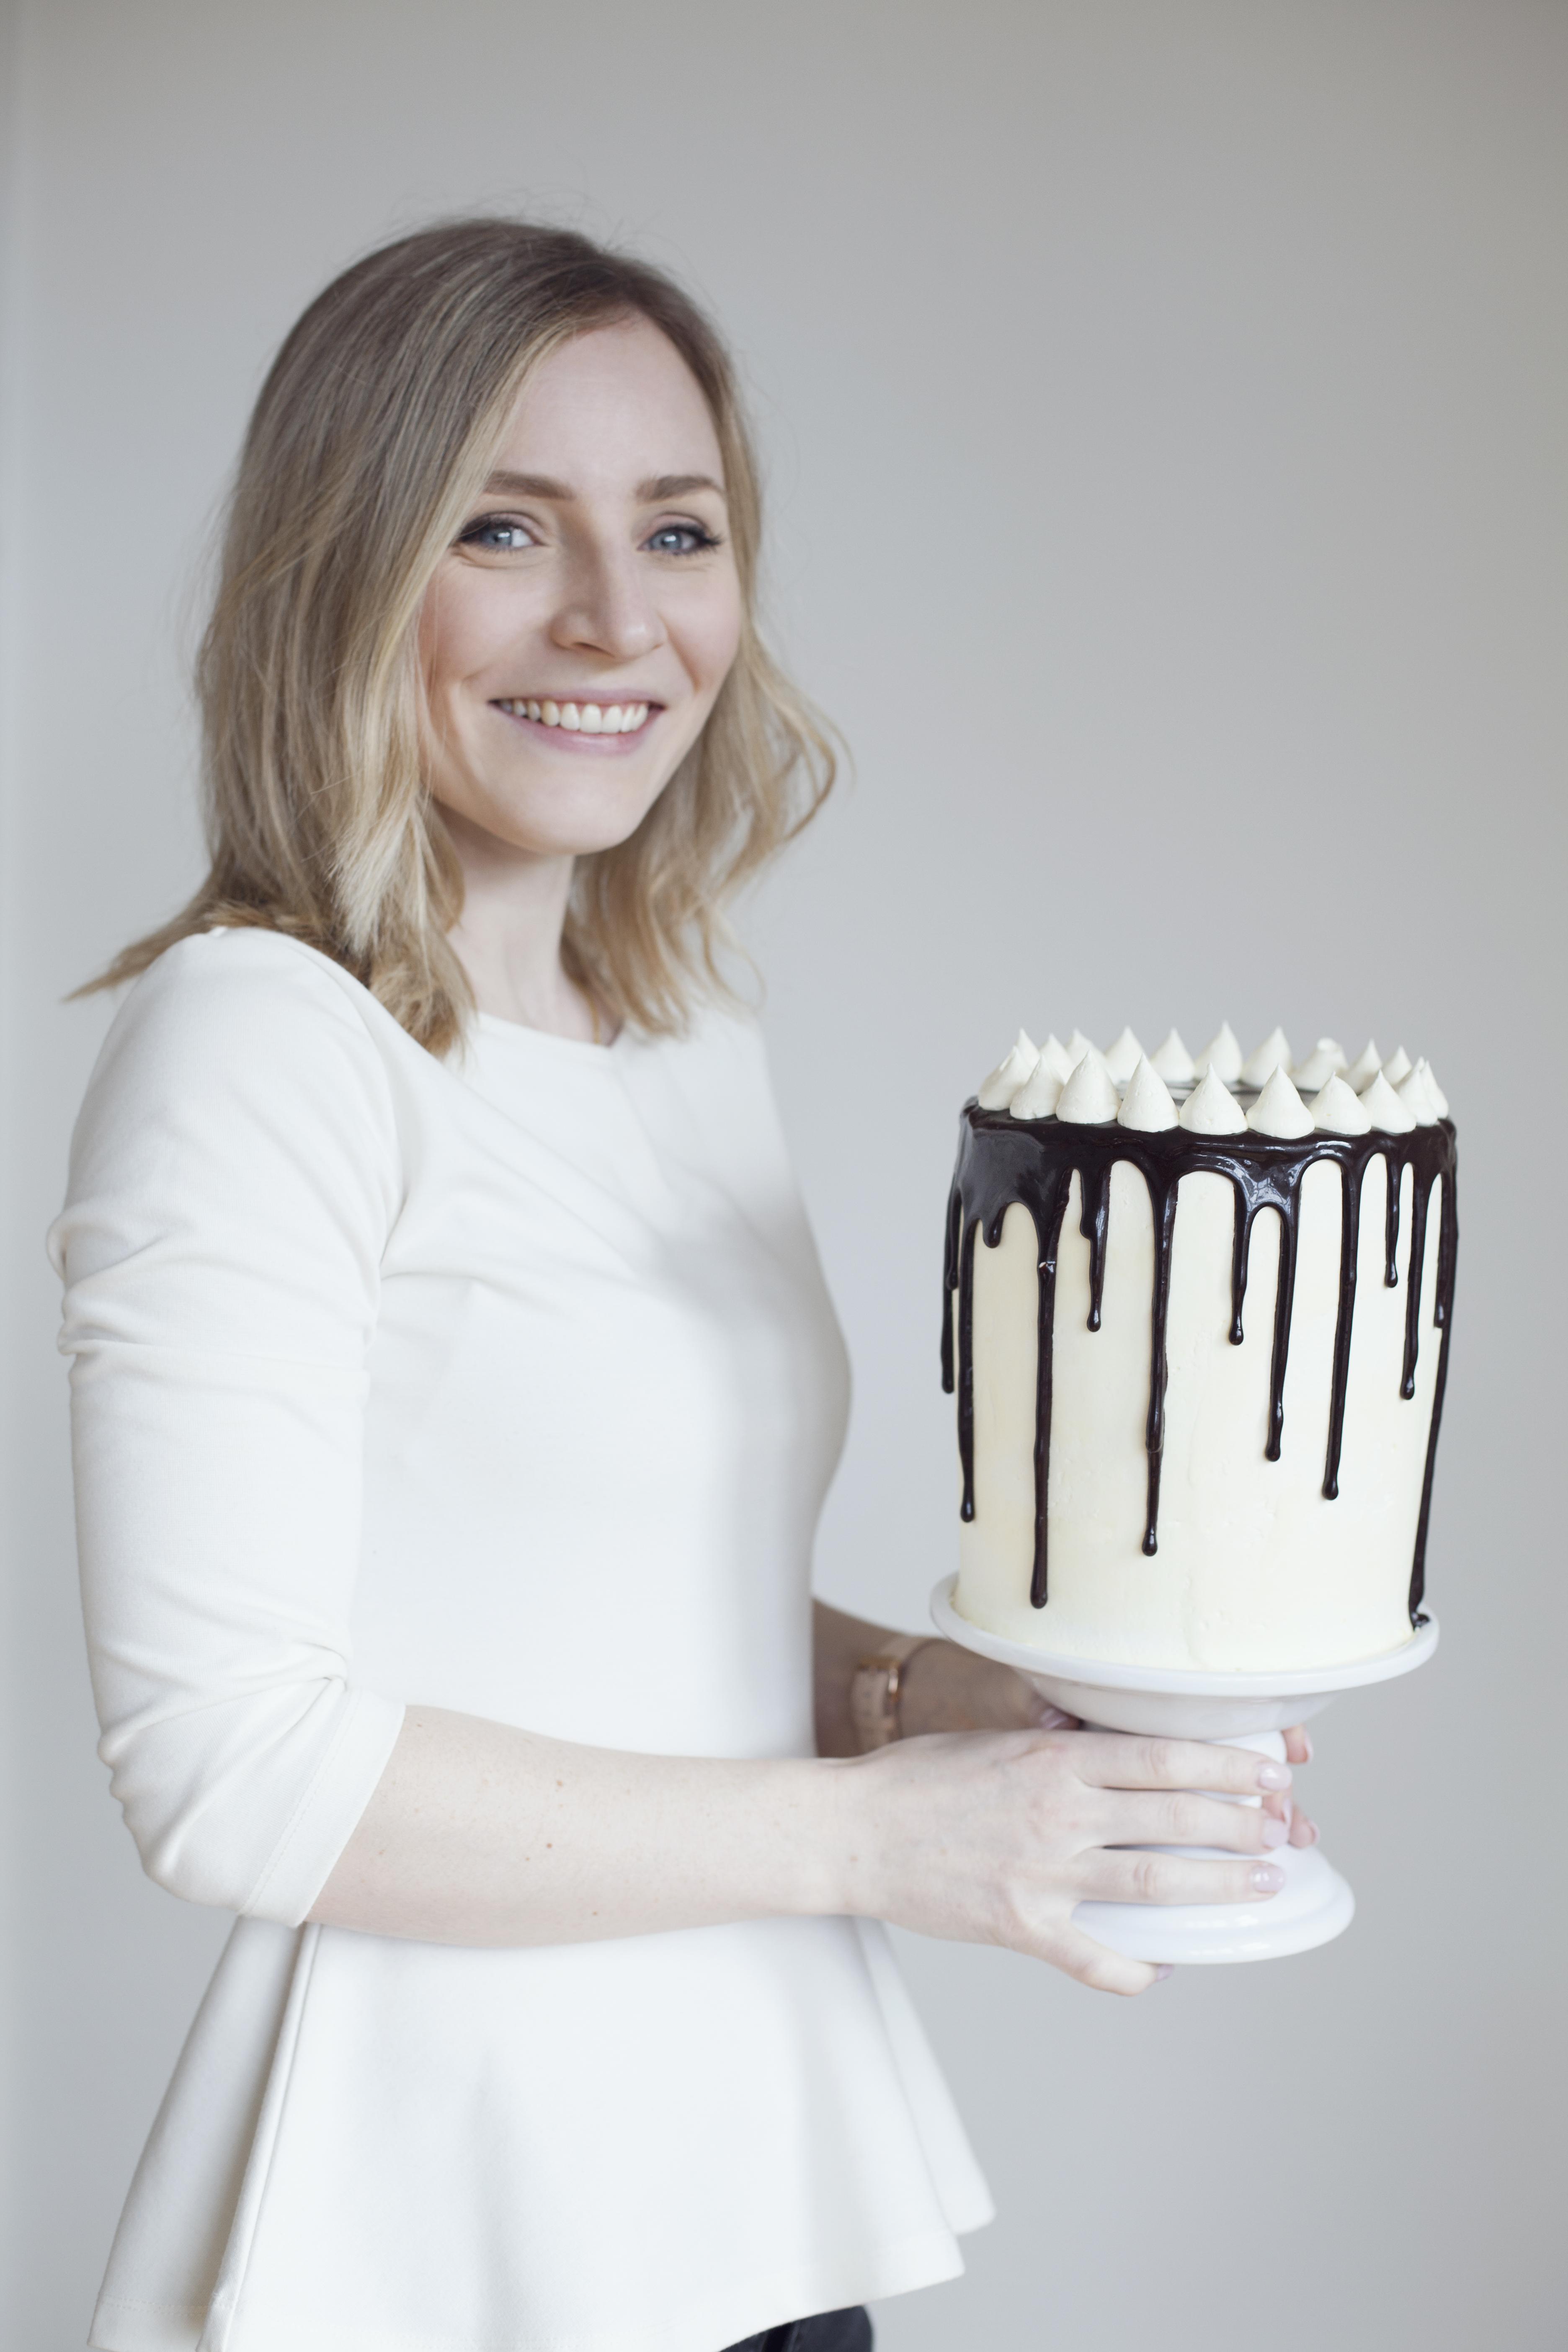 About copenhagen cakes